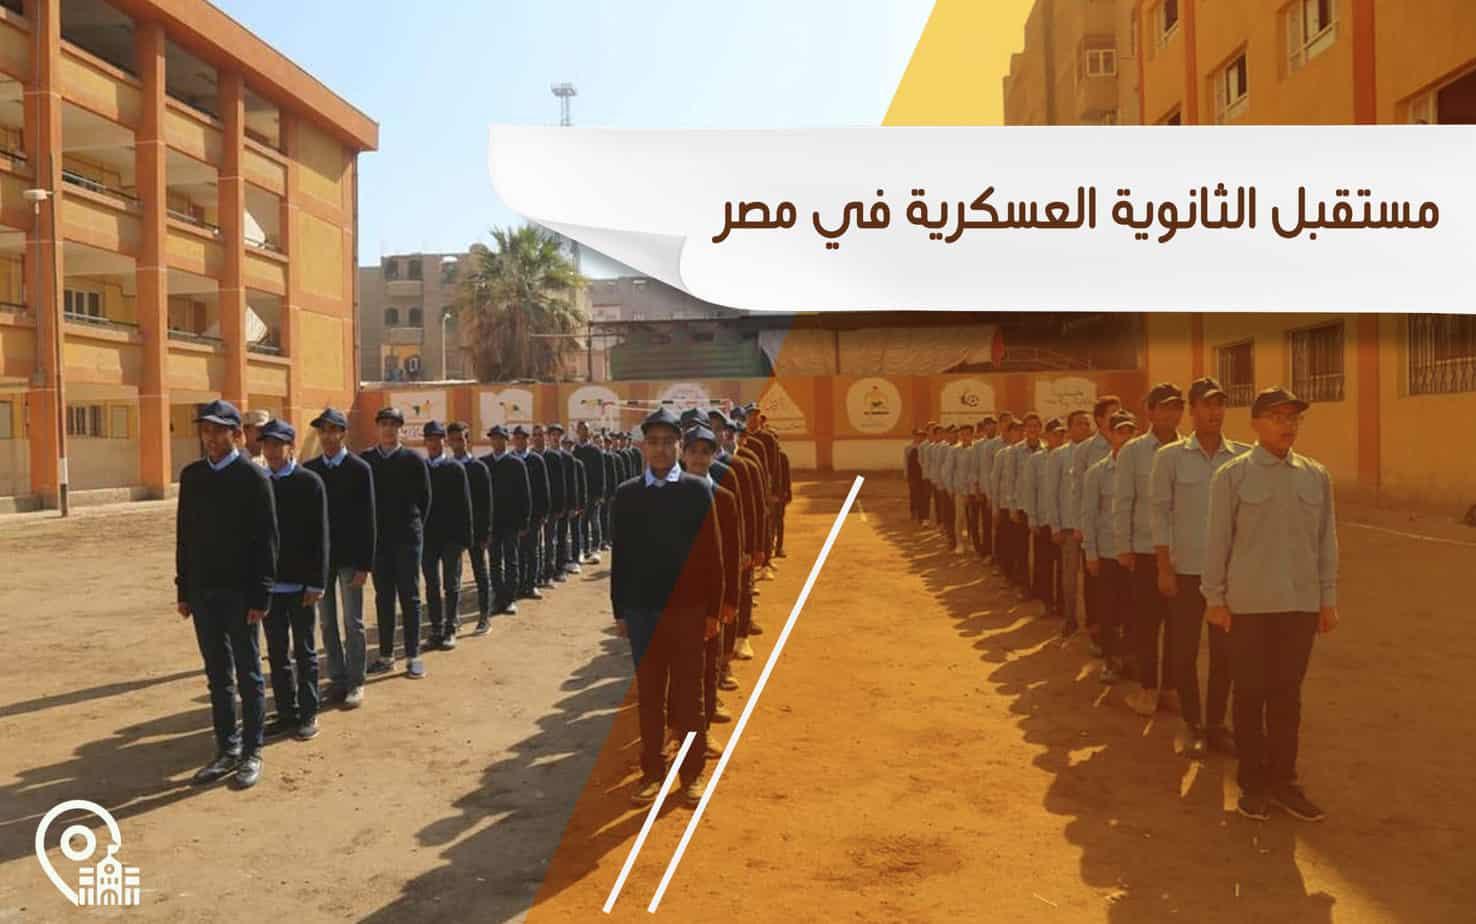 مستقبل الثانوية العسكرية في مصر